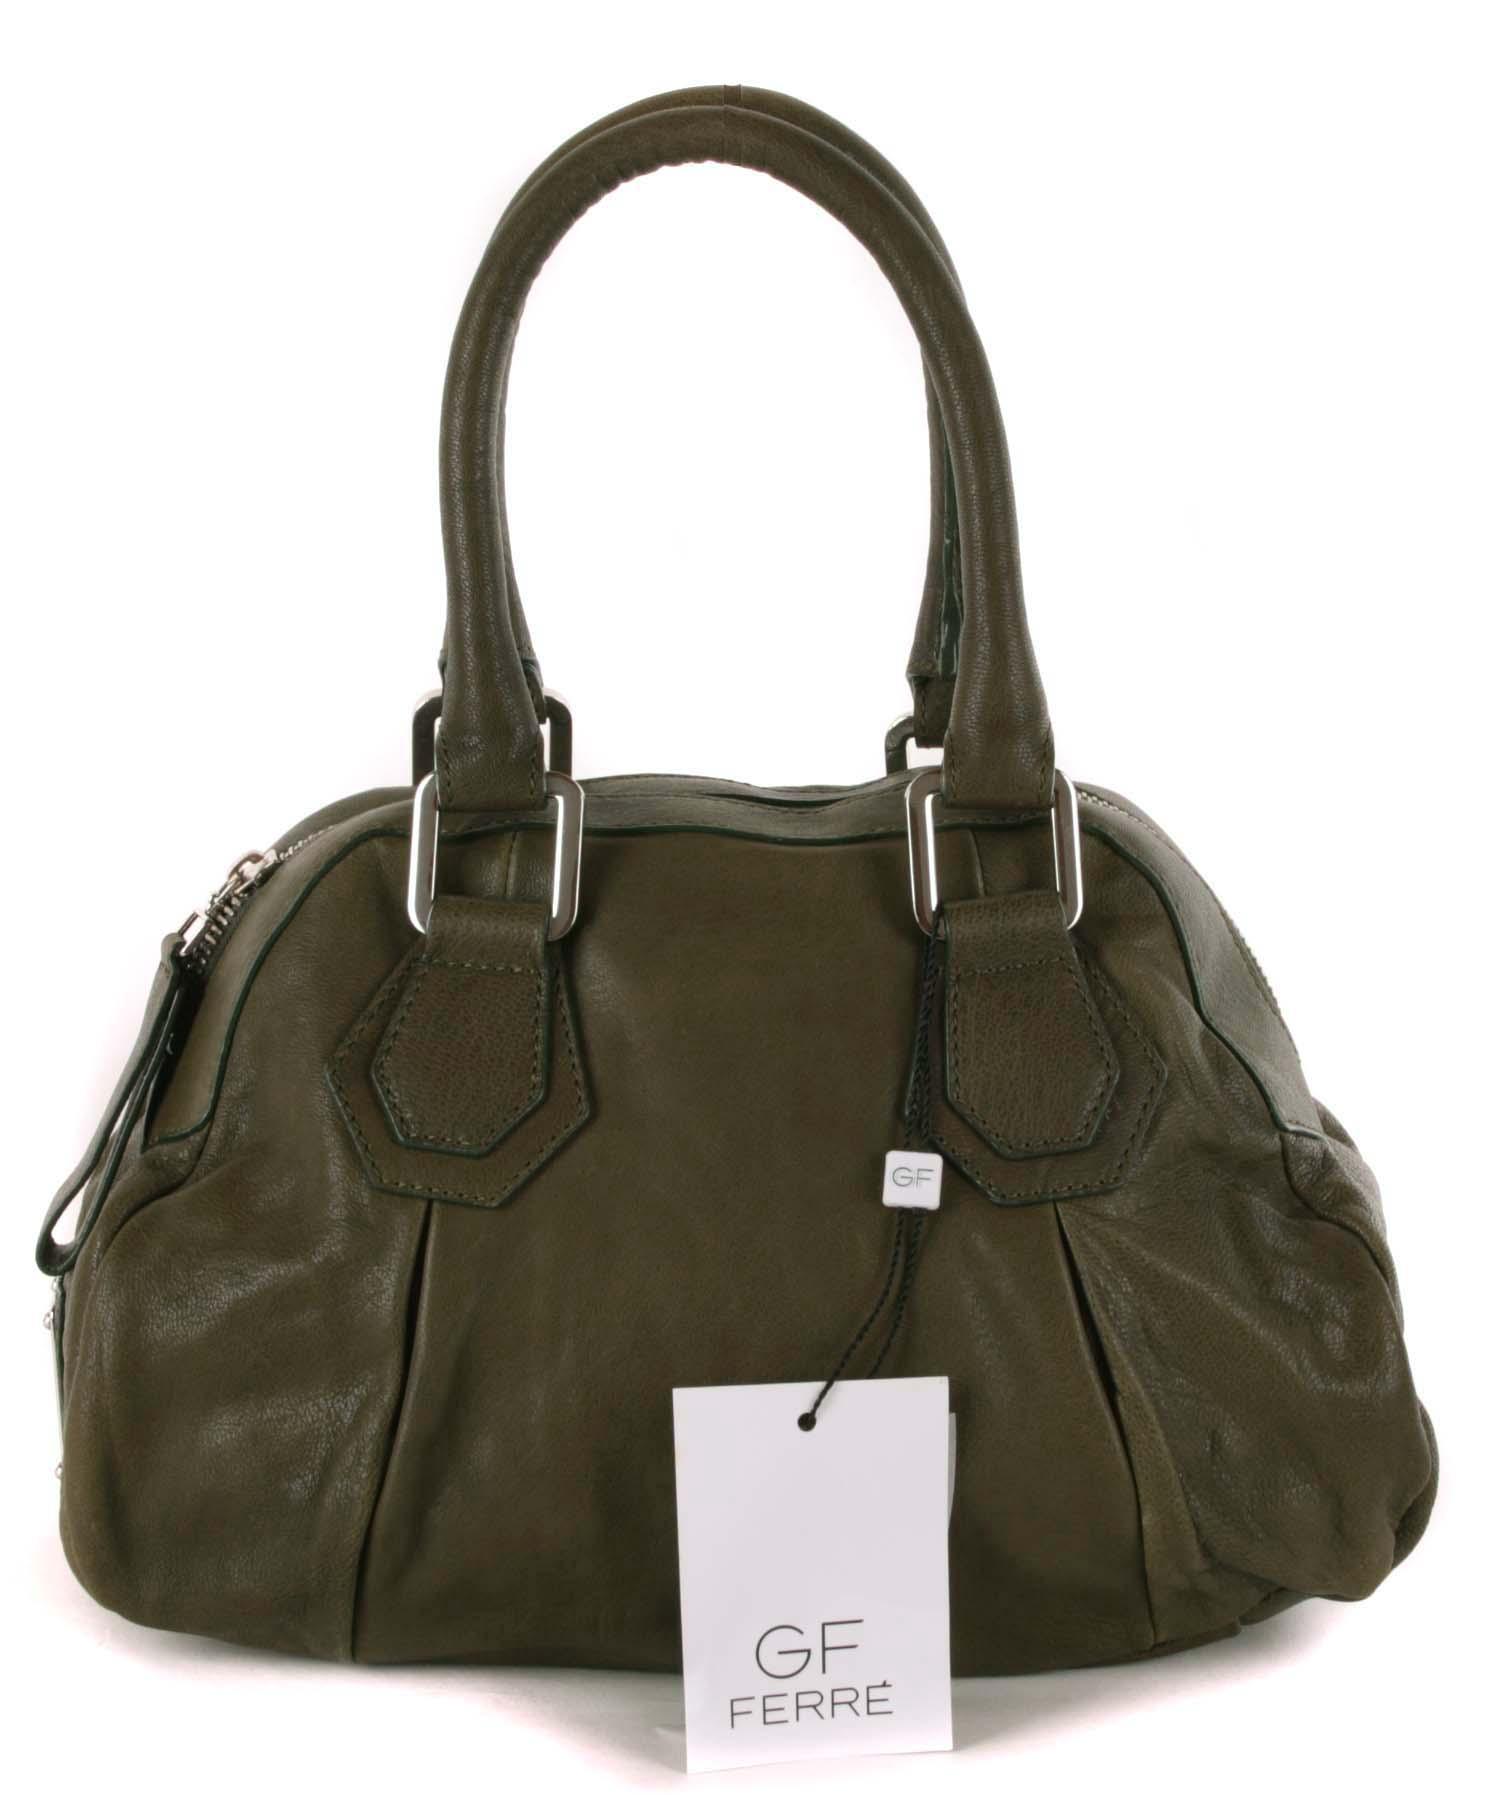 6c174577af03b Gian Franco Ferre Damen Handtasche Tasche Leder Olivgrün X185 1 ...